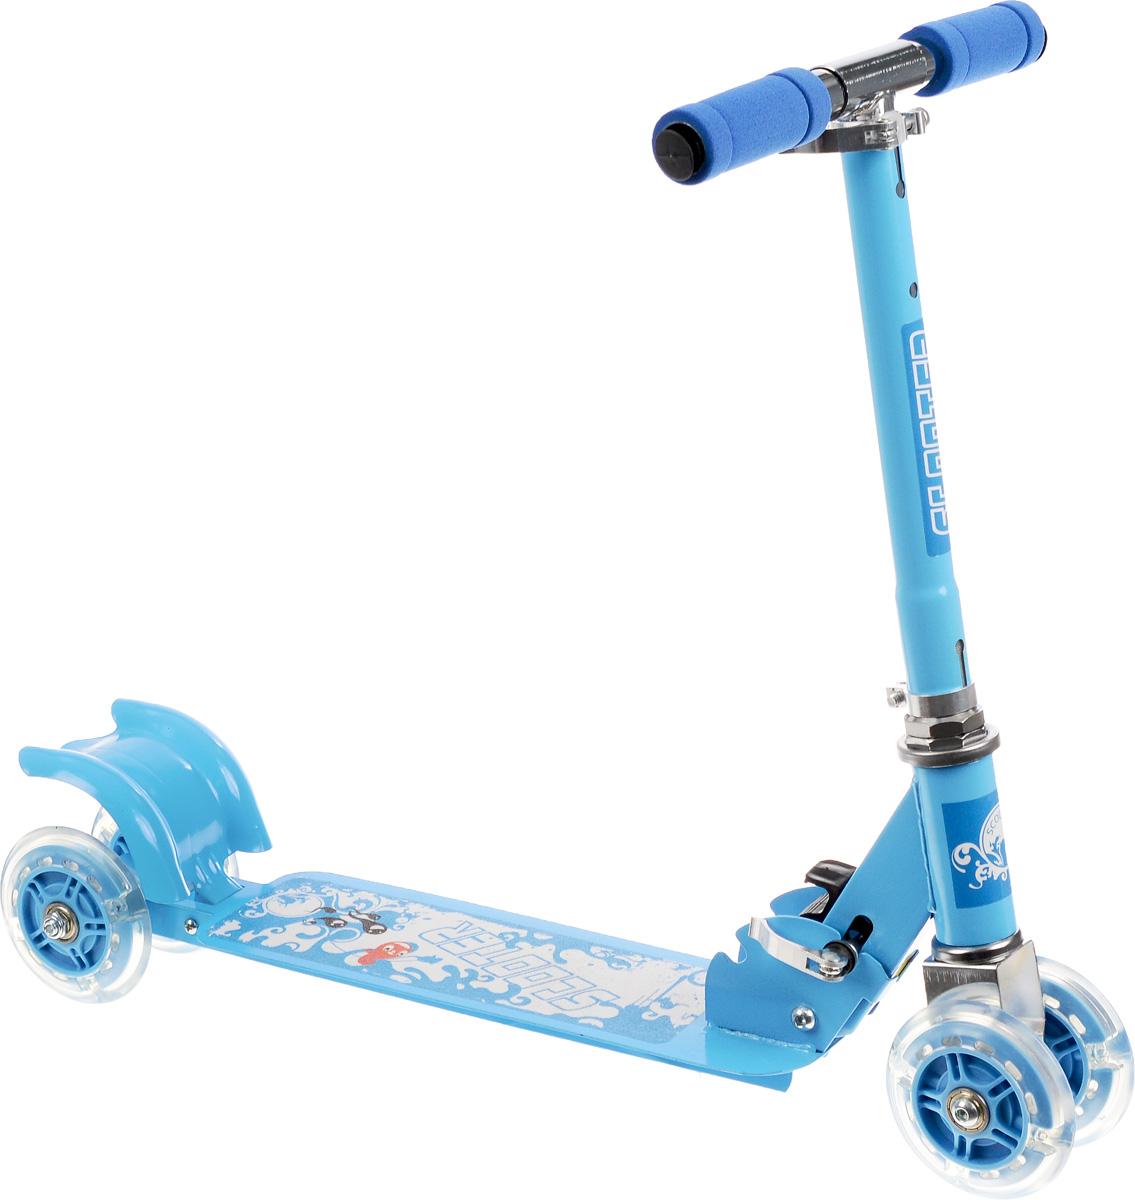 Самокат четырехколесный Charming Sports, цвет: голубой, белый. CMS010CRL-1Яркий детский самокат Charming Sports станет отличным подарком ребенку! Он оснащен простой в использовании системой торможения с помощью заднего колеса (достаточно наступить на педаль тормоза, расположенную над задним колесом). Дека имеет покрытие, предотвращающее скольжение. Колеса оснащены светодиодами, загорающимися при езде. Руль имеет 2 положения.Благодаря прочным материалам самокат прослужит ребенку несколько лет, а его компактный размер позволит брать его с собой куда угодно. Самокат быстро и легко складывается и не требует особых мест для хранения.